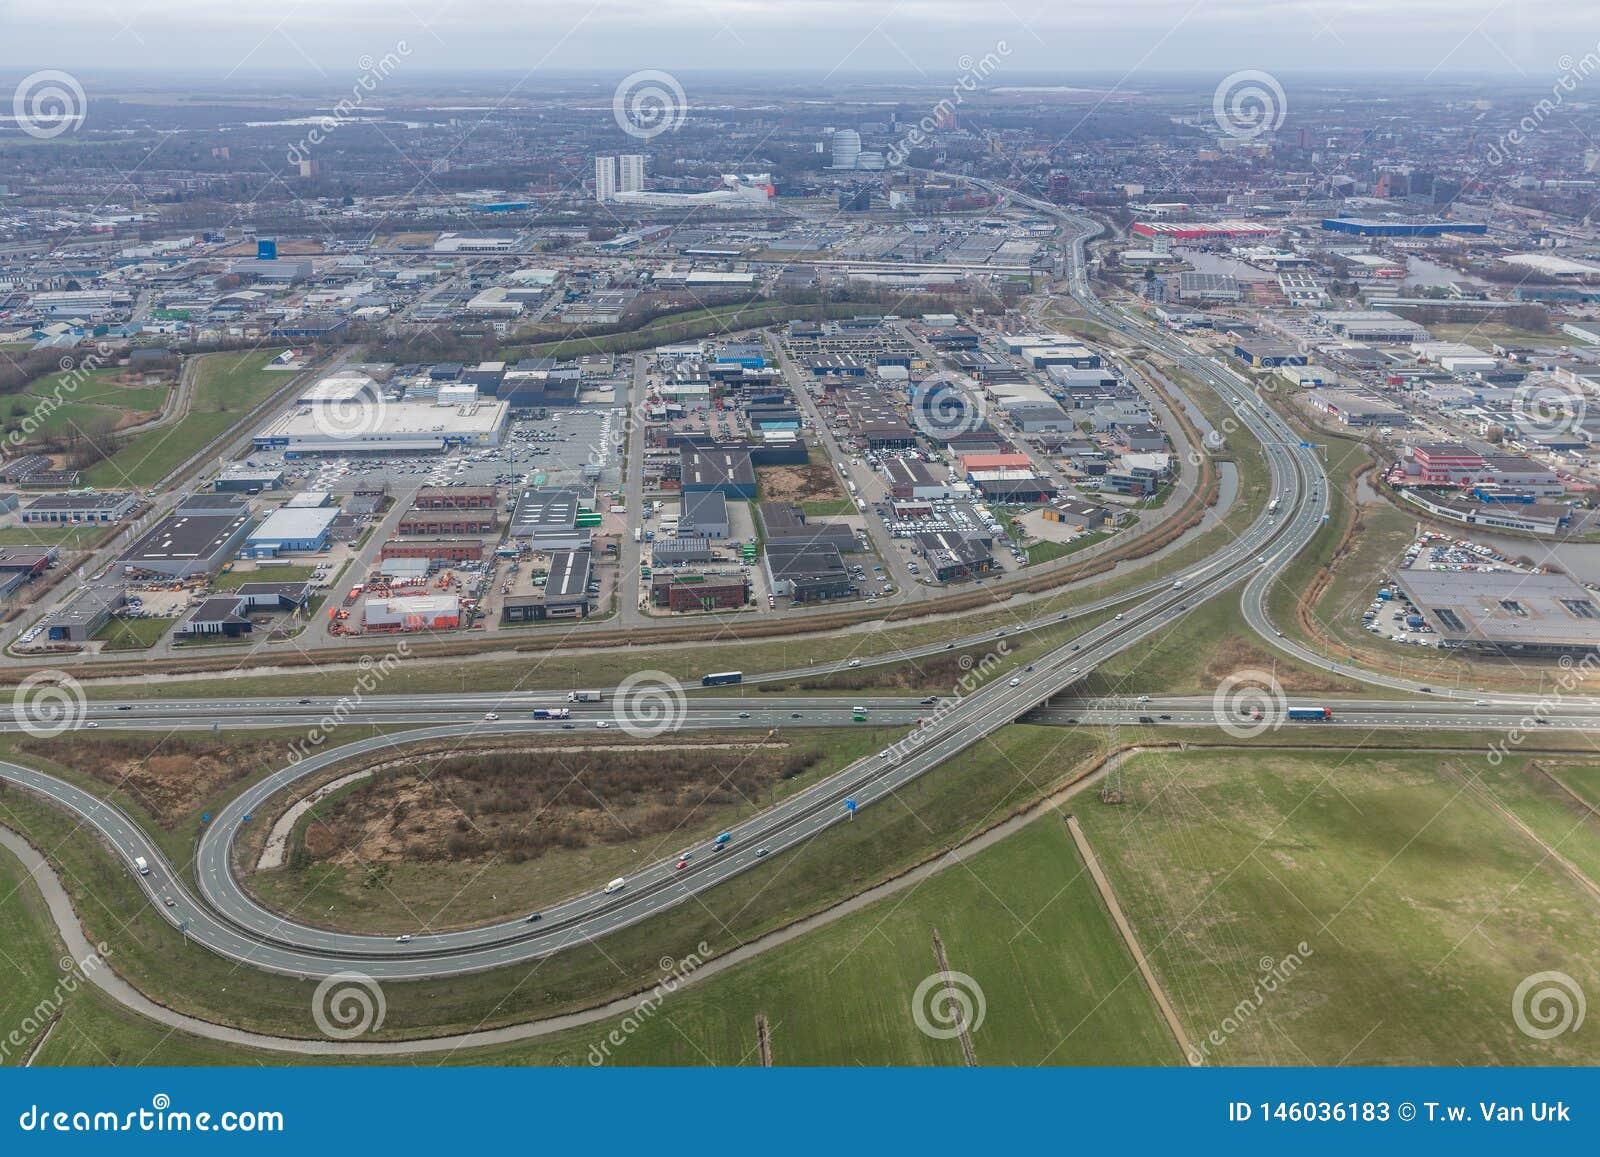 Aerial view interchange highway and overpass in Dutch city Groningen